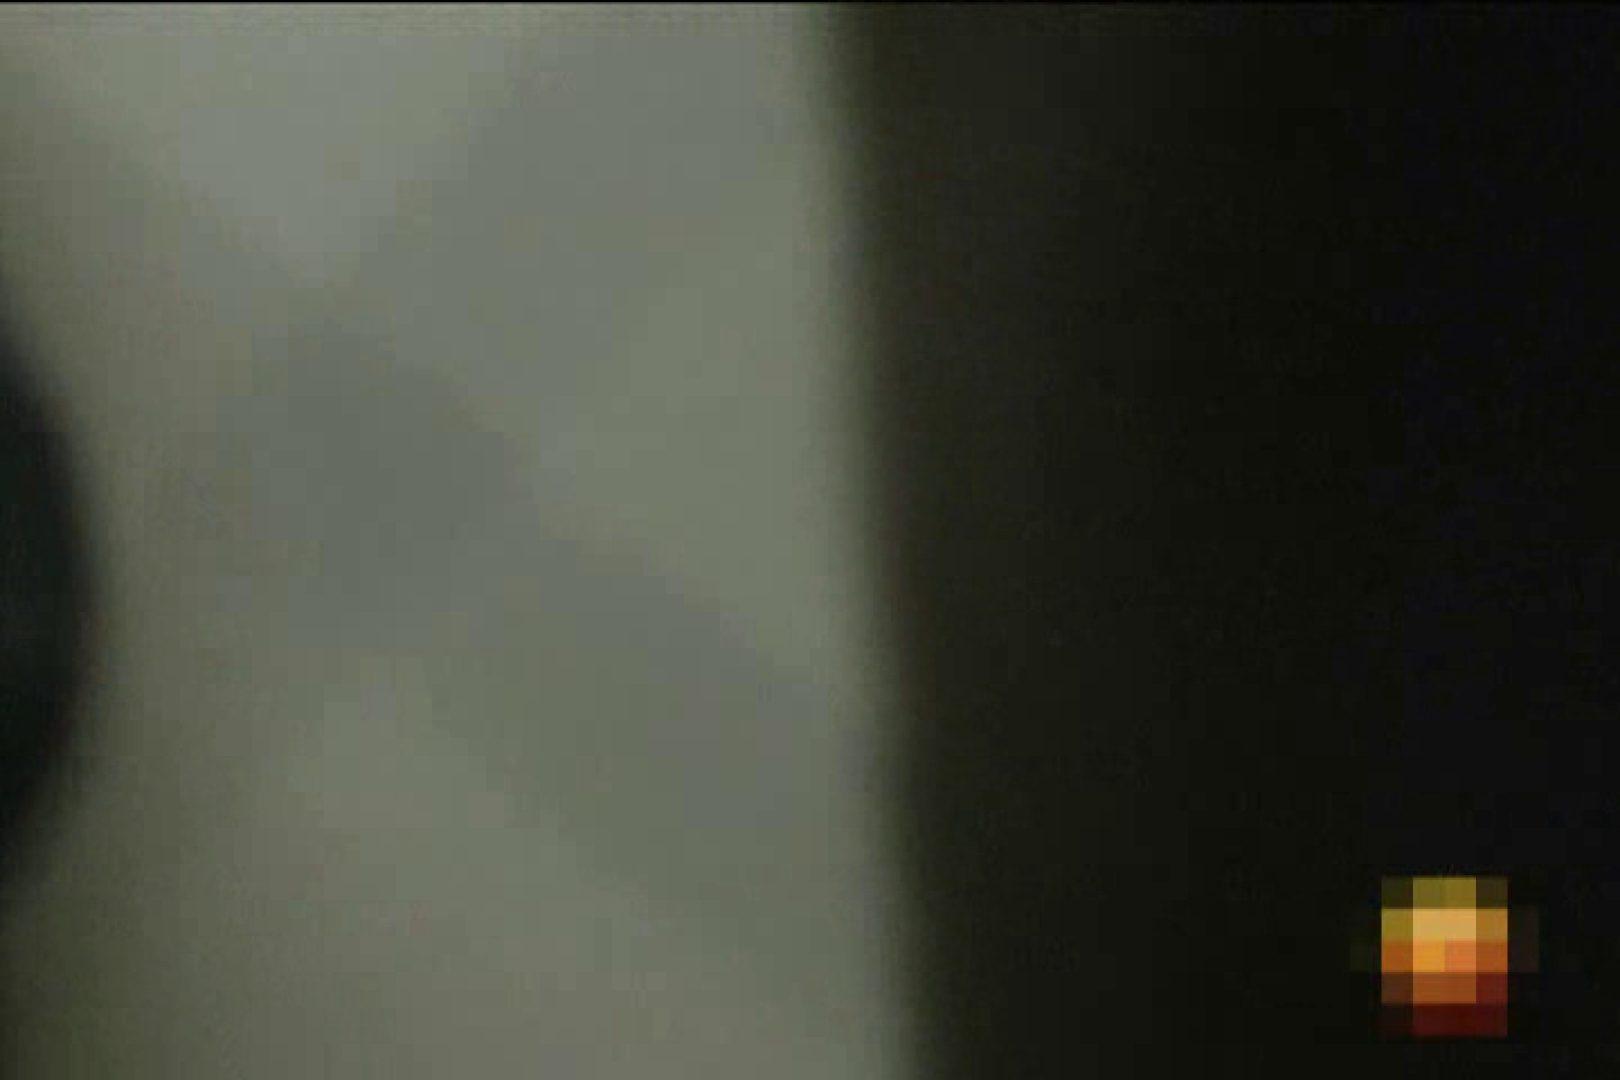 民家自慰マニアVol.8 プライベート のぞき動画キャプチャ 67画像 26